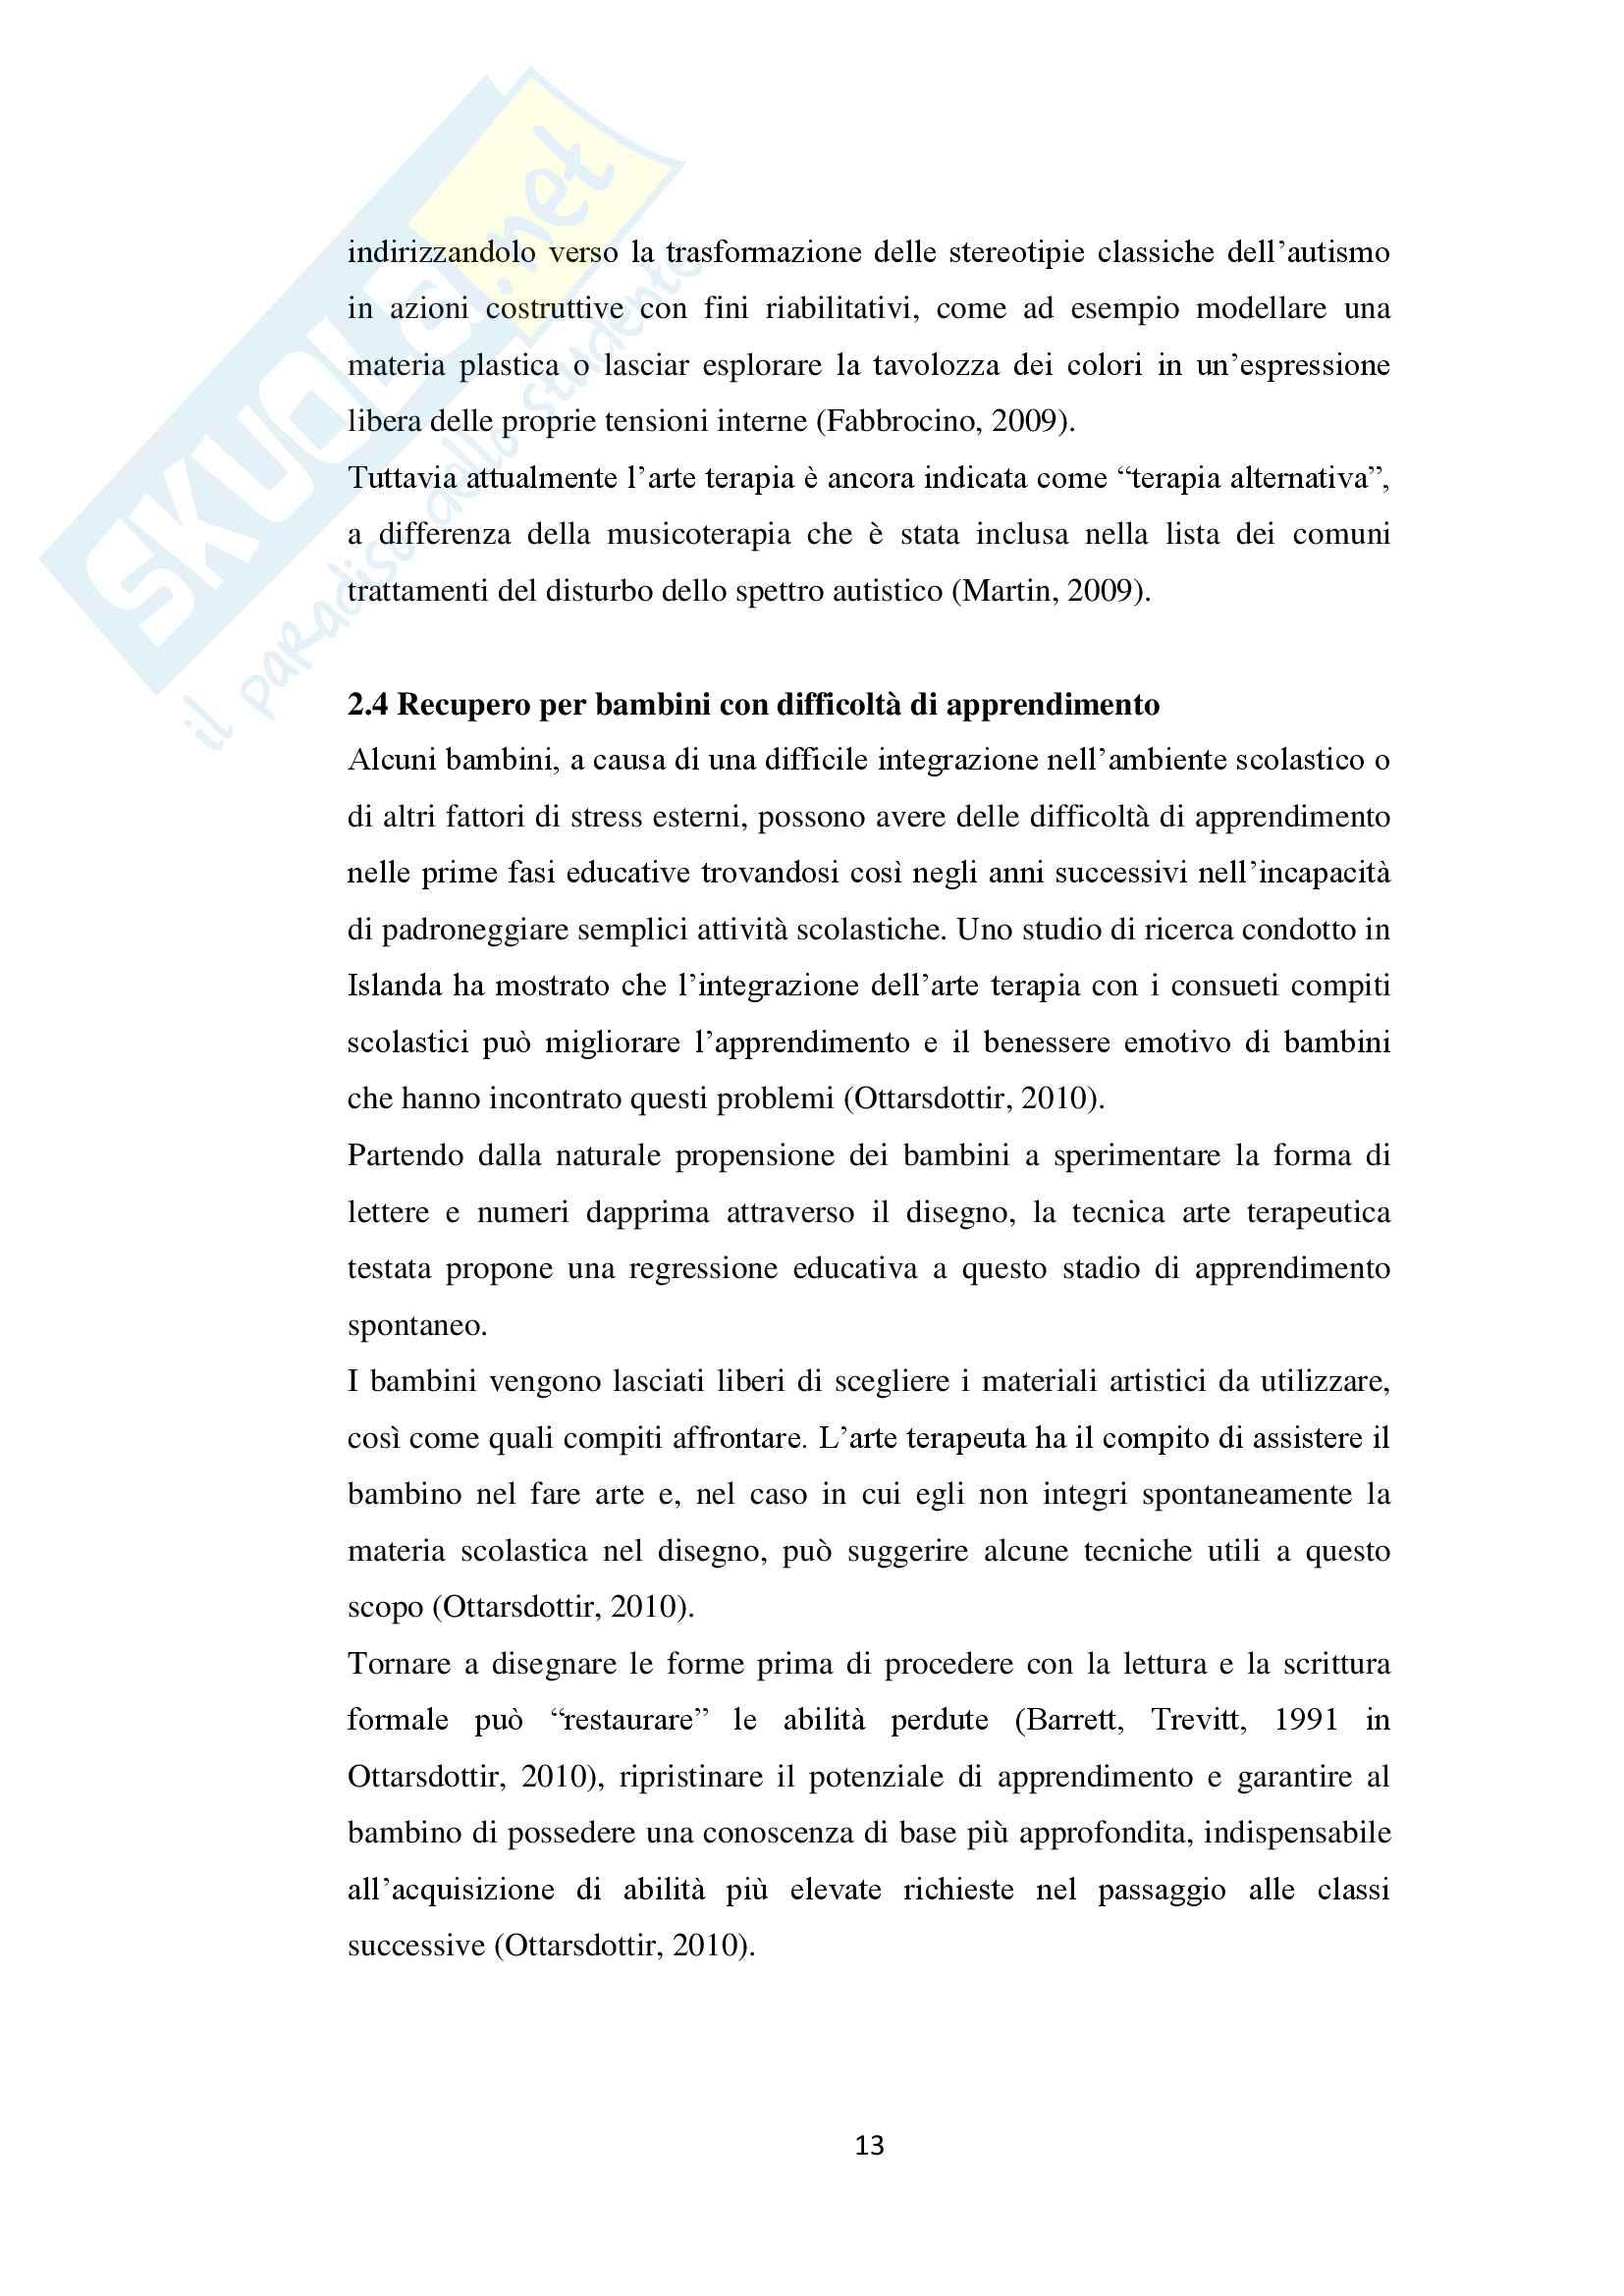 Tesi sull'arteterapia e le sue applicazioni in ambito scolastico Pag. 16